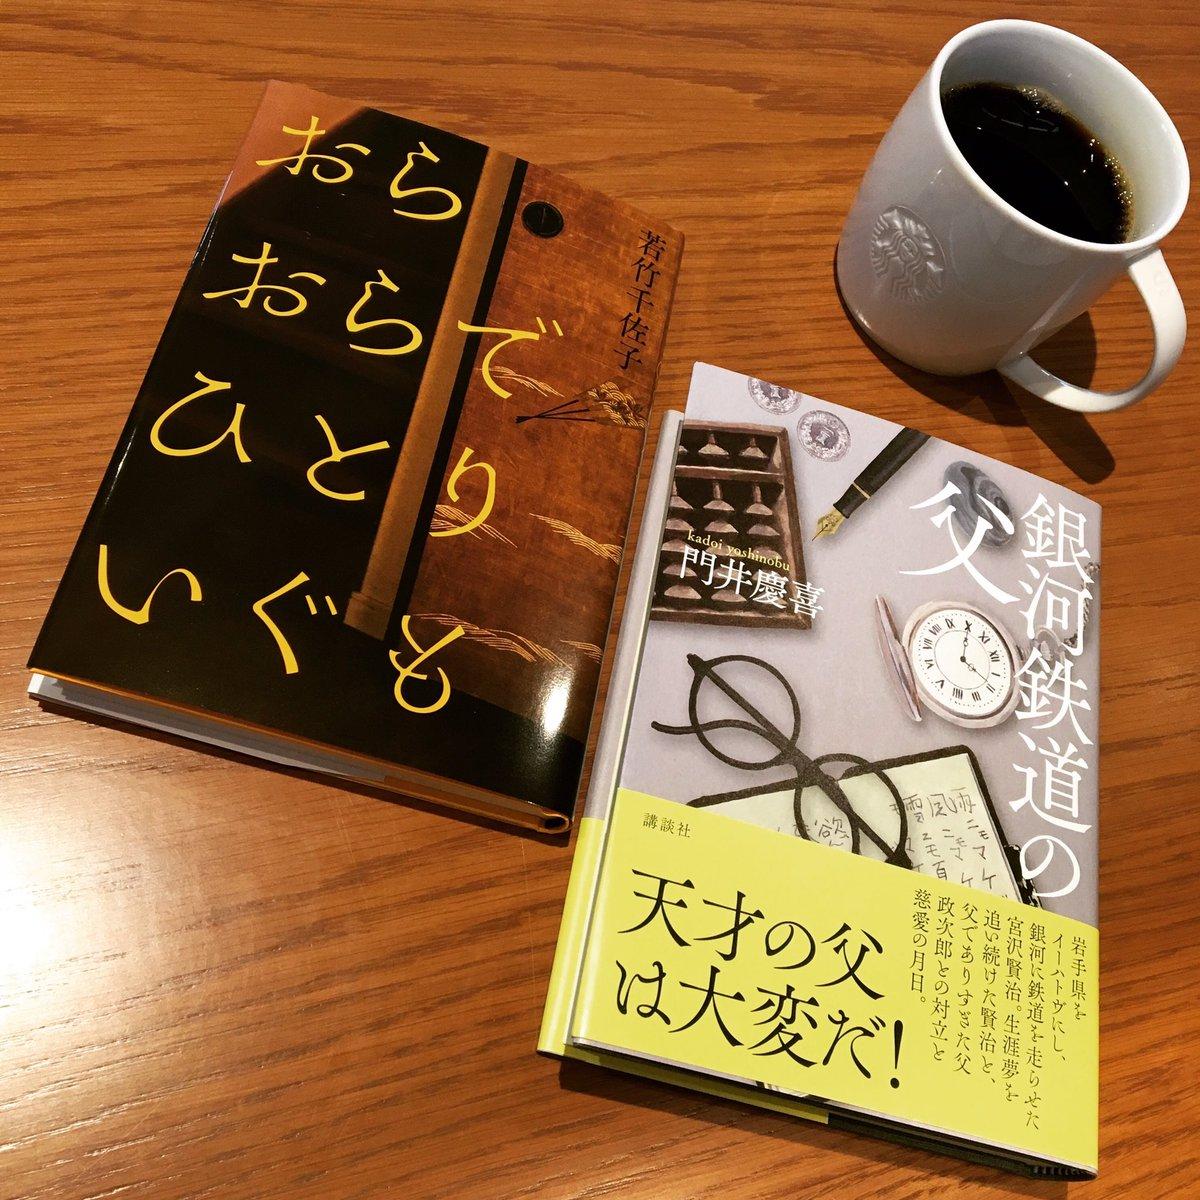 意味 永訣 の 朝 宮沢賢治の「永訣の朝」の中に出てくる「陰惨」という熟語は、「いんざん」とルビが振られていますが、「いんさん」が正しいのではないですか?|漢字文化資料館